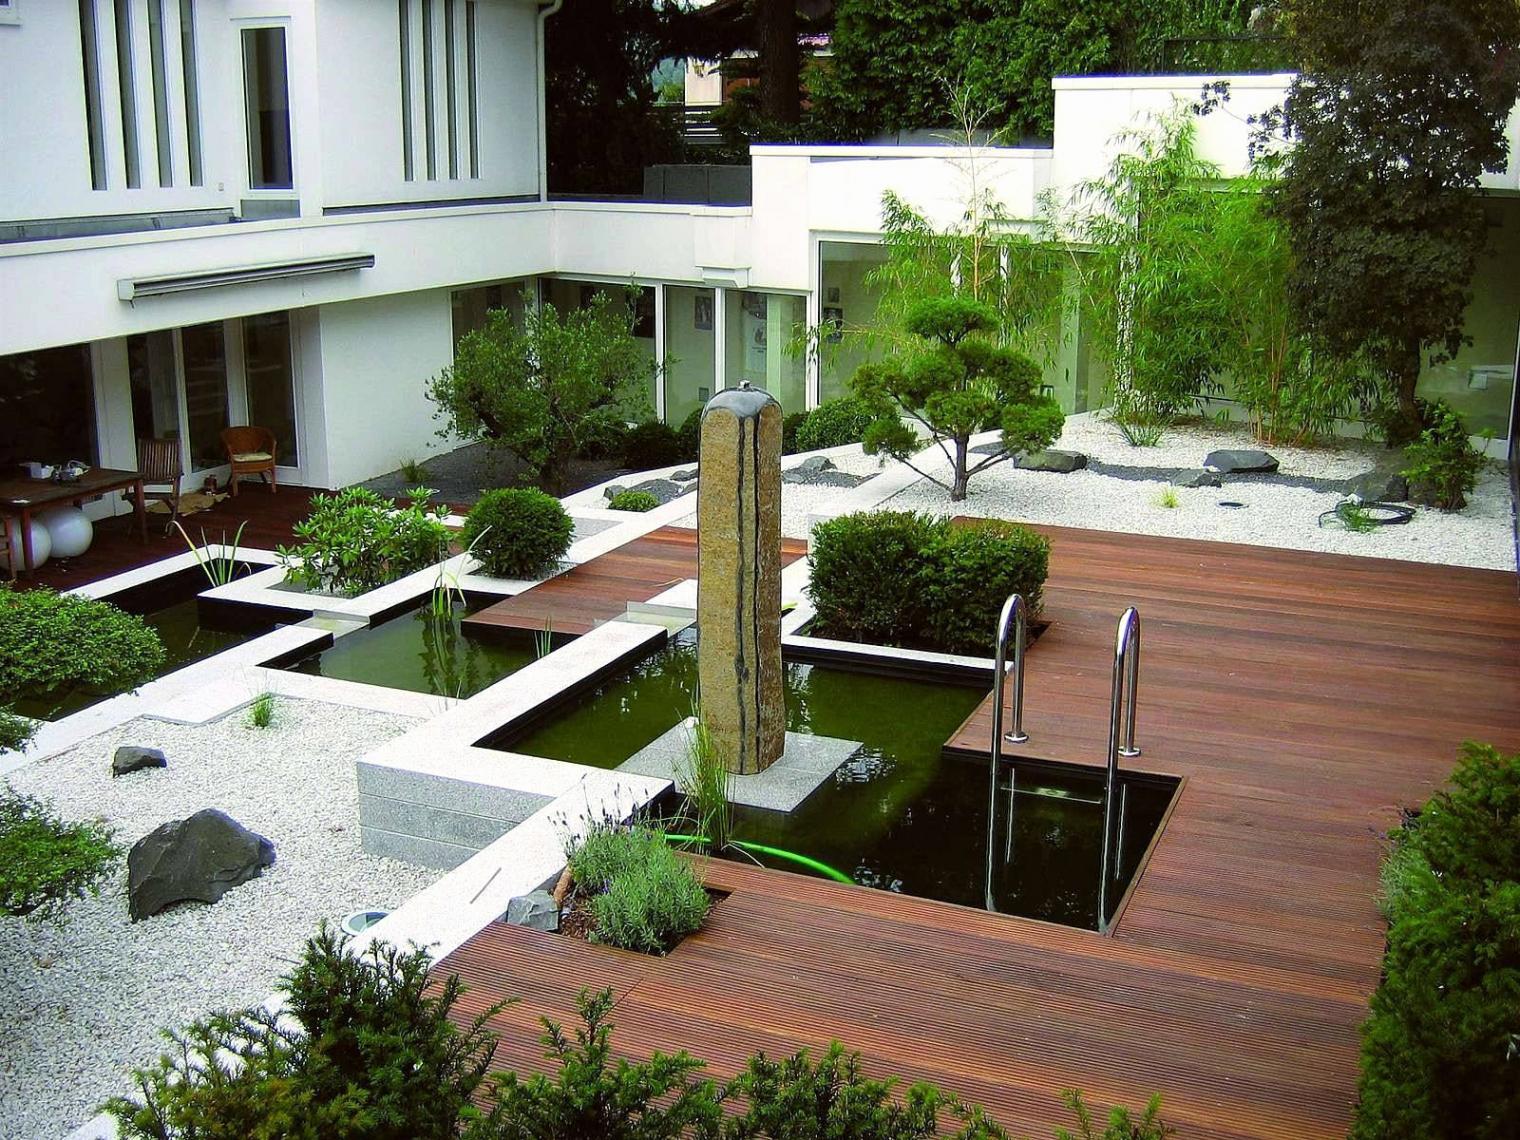 balkon ideen kleiner balkon inspirierend gartenmobel kleiner balkon kleine balkone gestalten kleine balkone gestalten